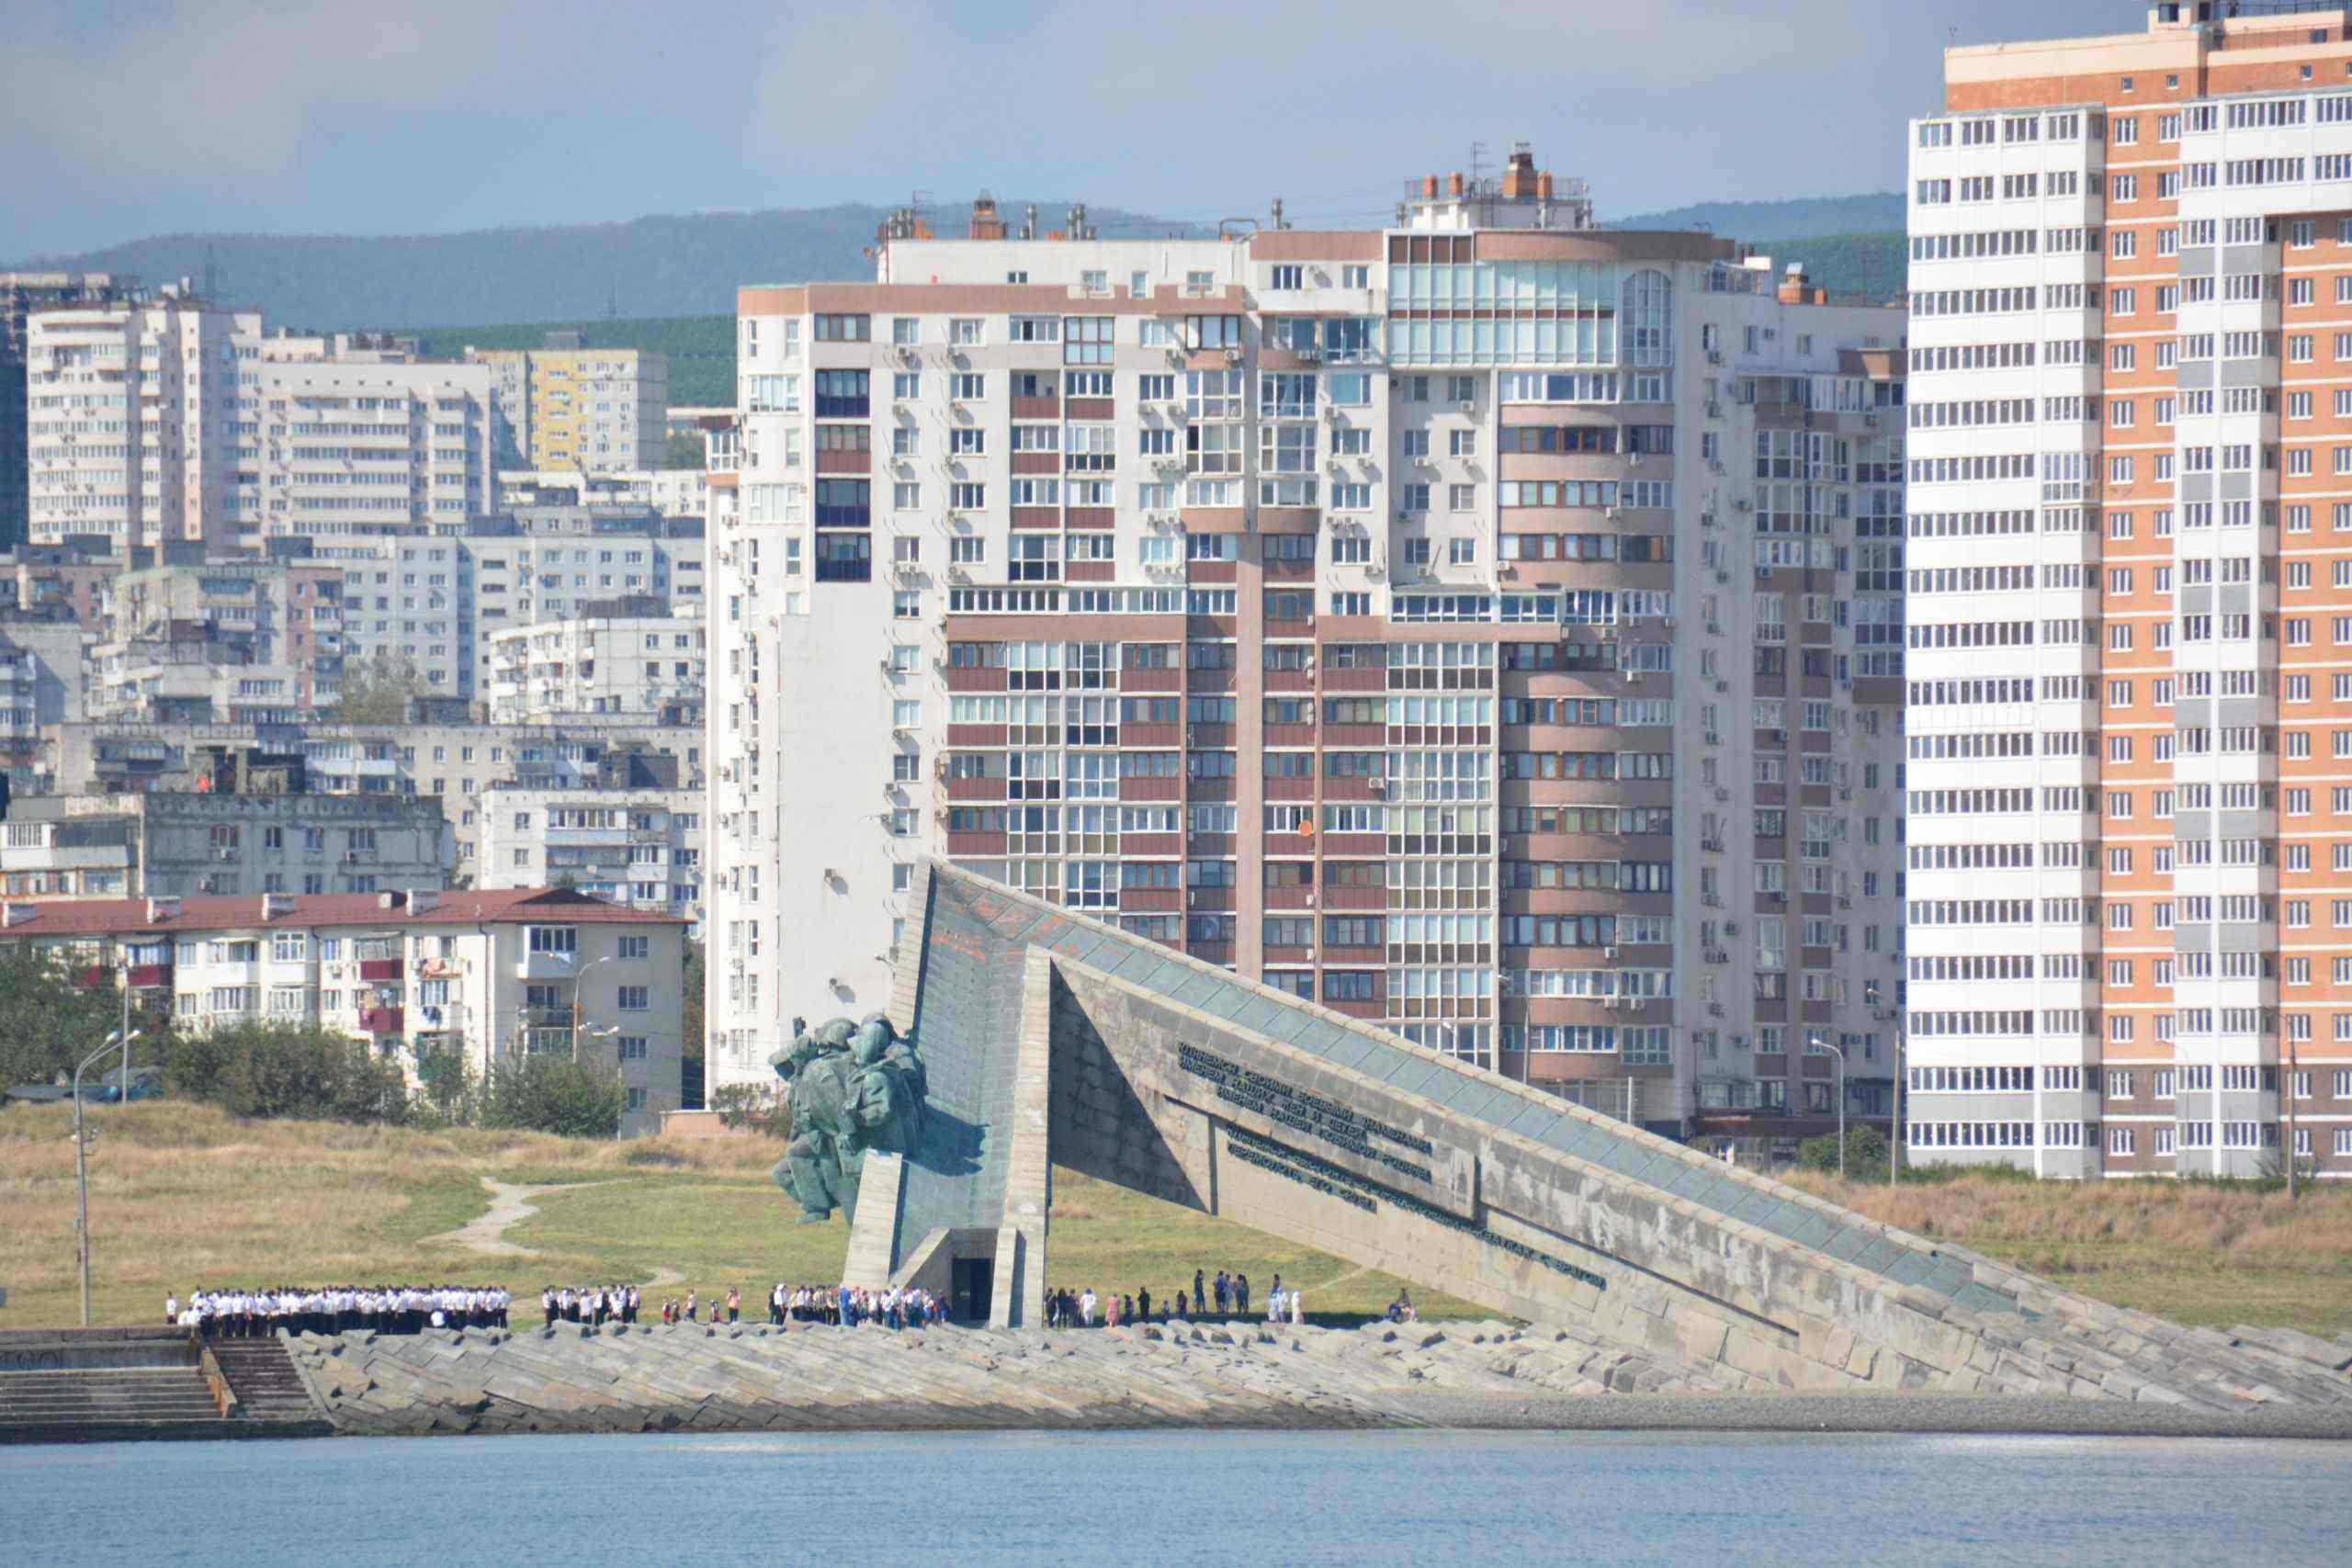 У Новороссийска может появиться еще один побратим